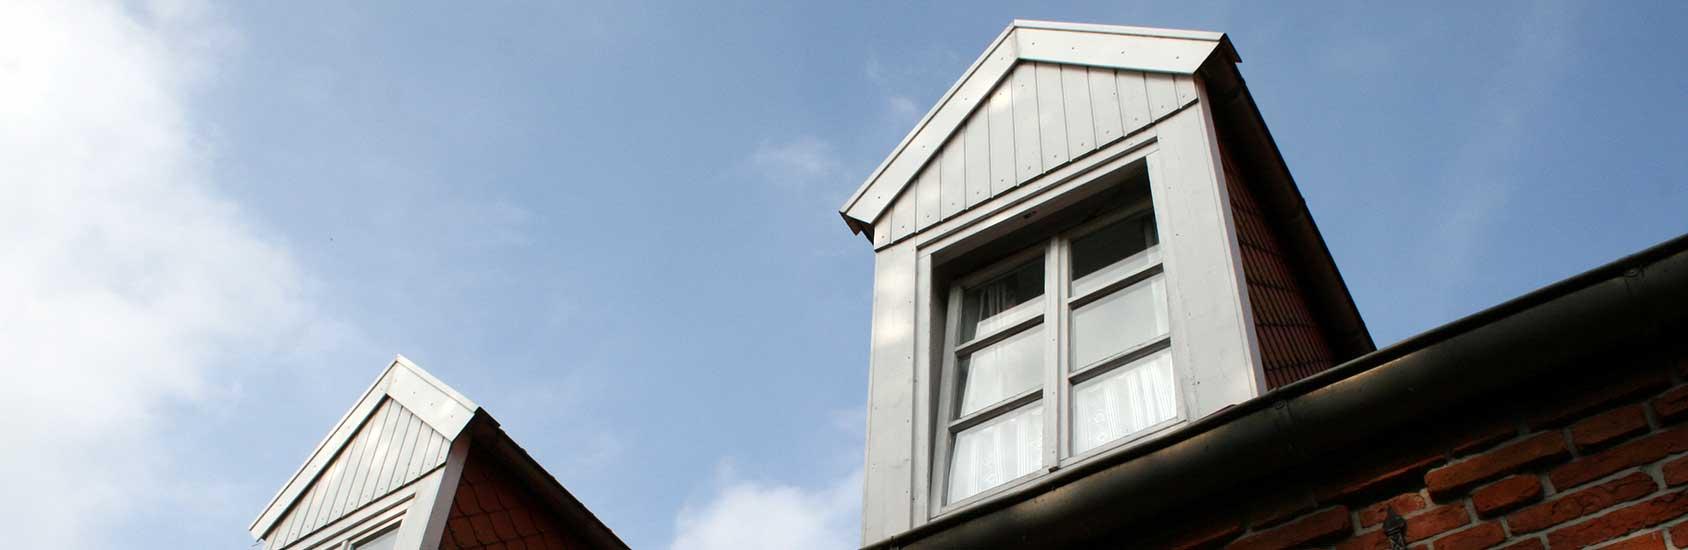 Pfarrhaus Außenansicht